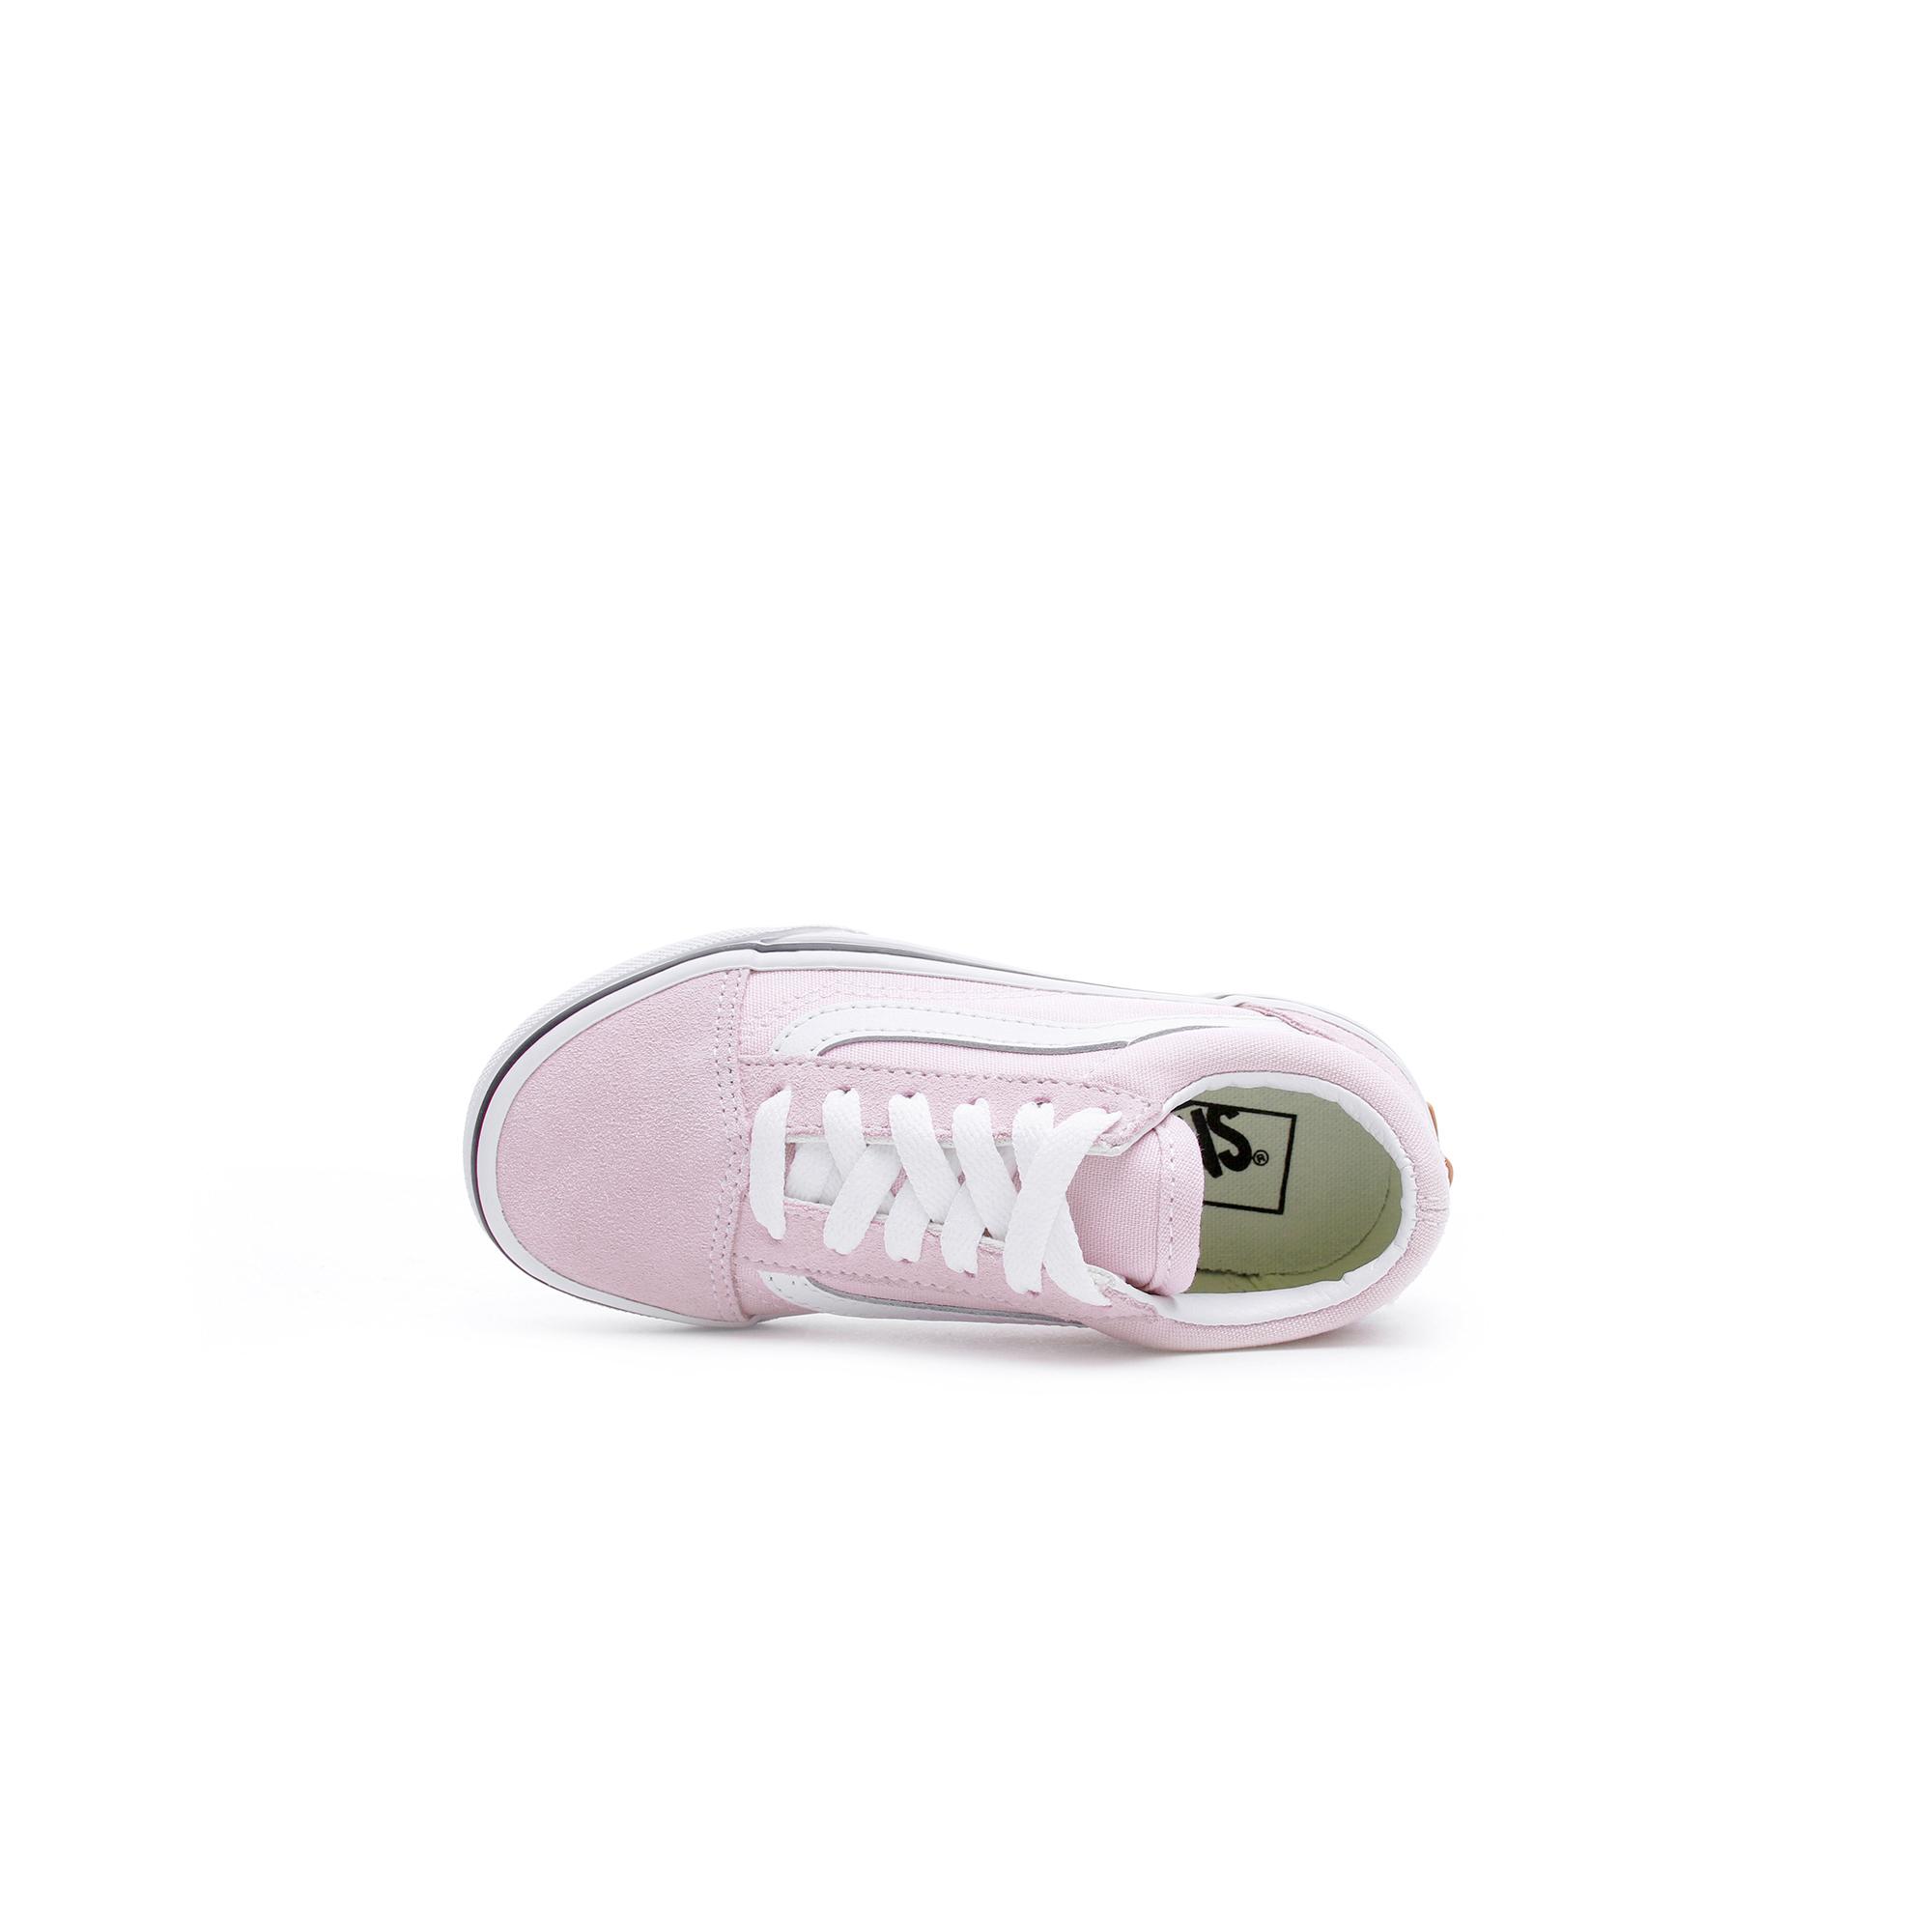 Vans Old Skool Çocuk Pembe Sneaker